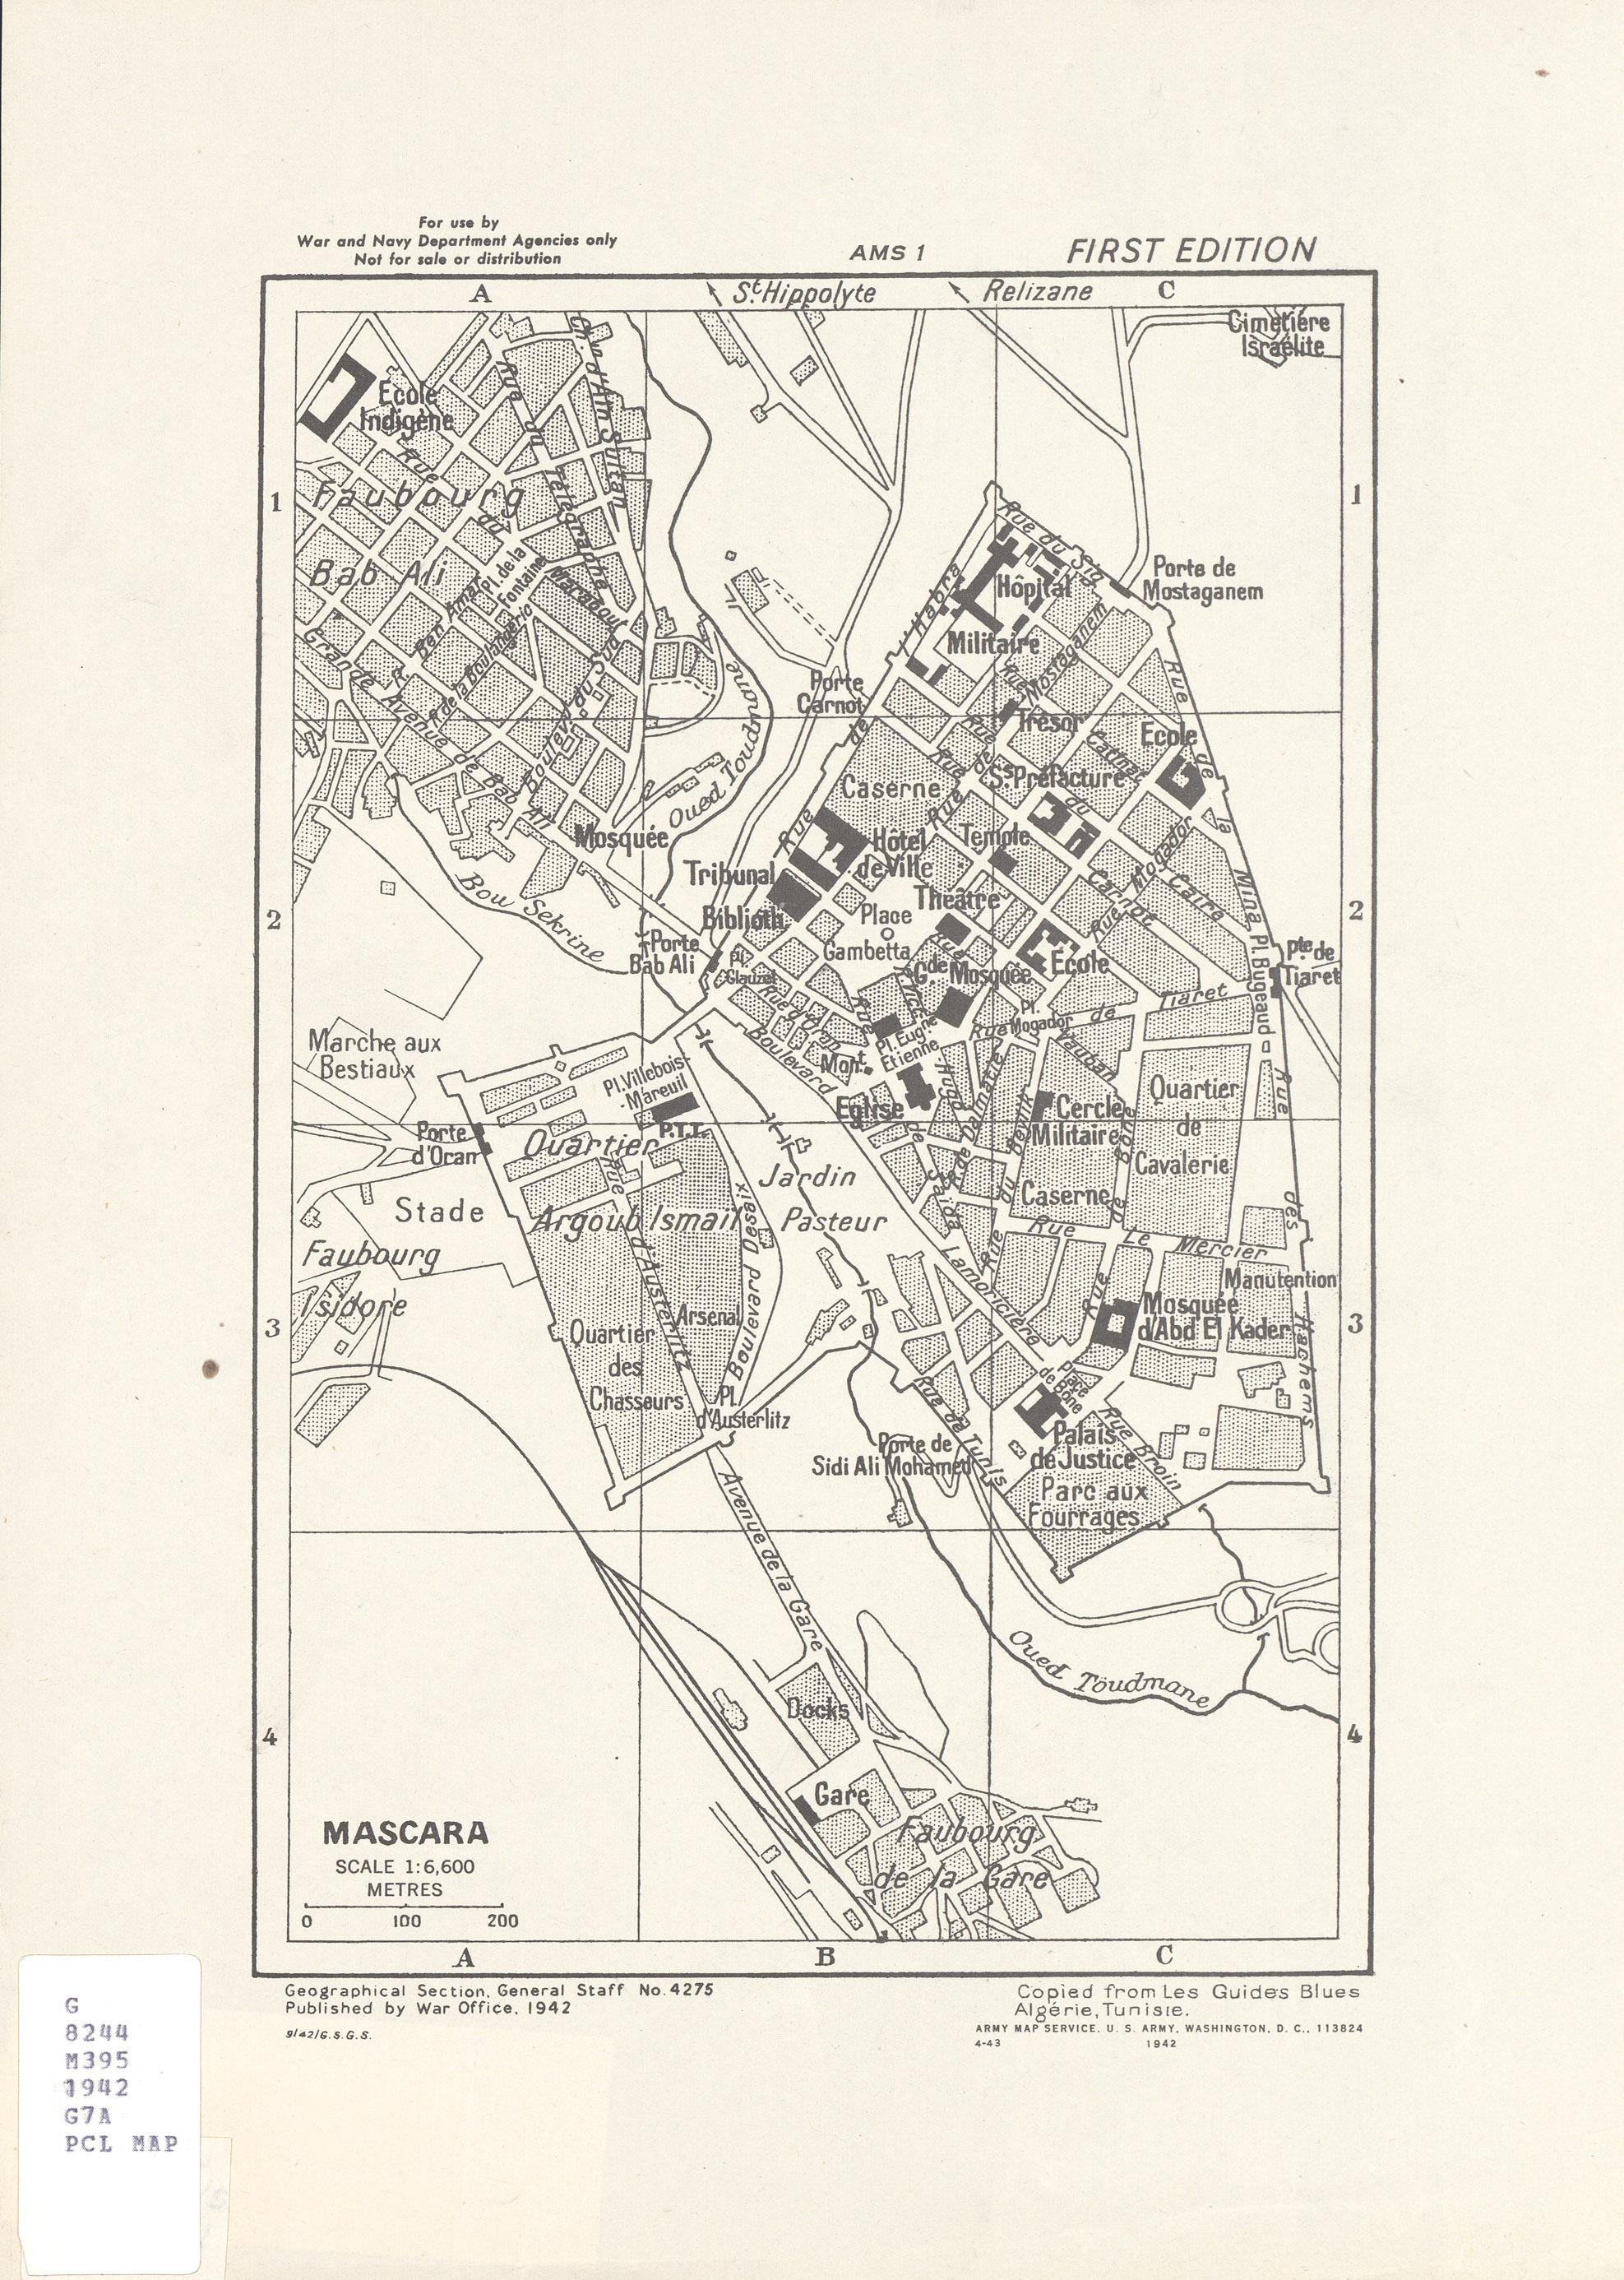 Mascara City Map, Algeria 1942